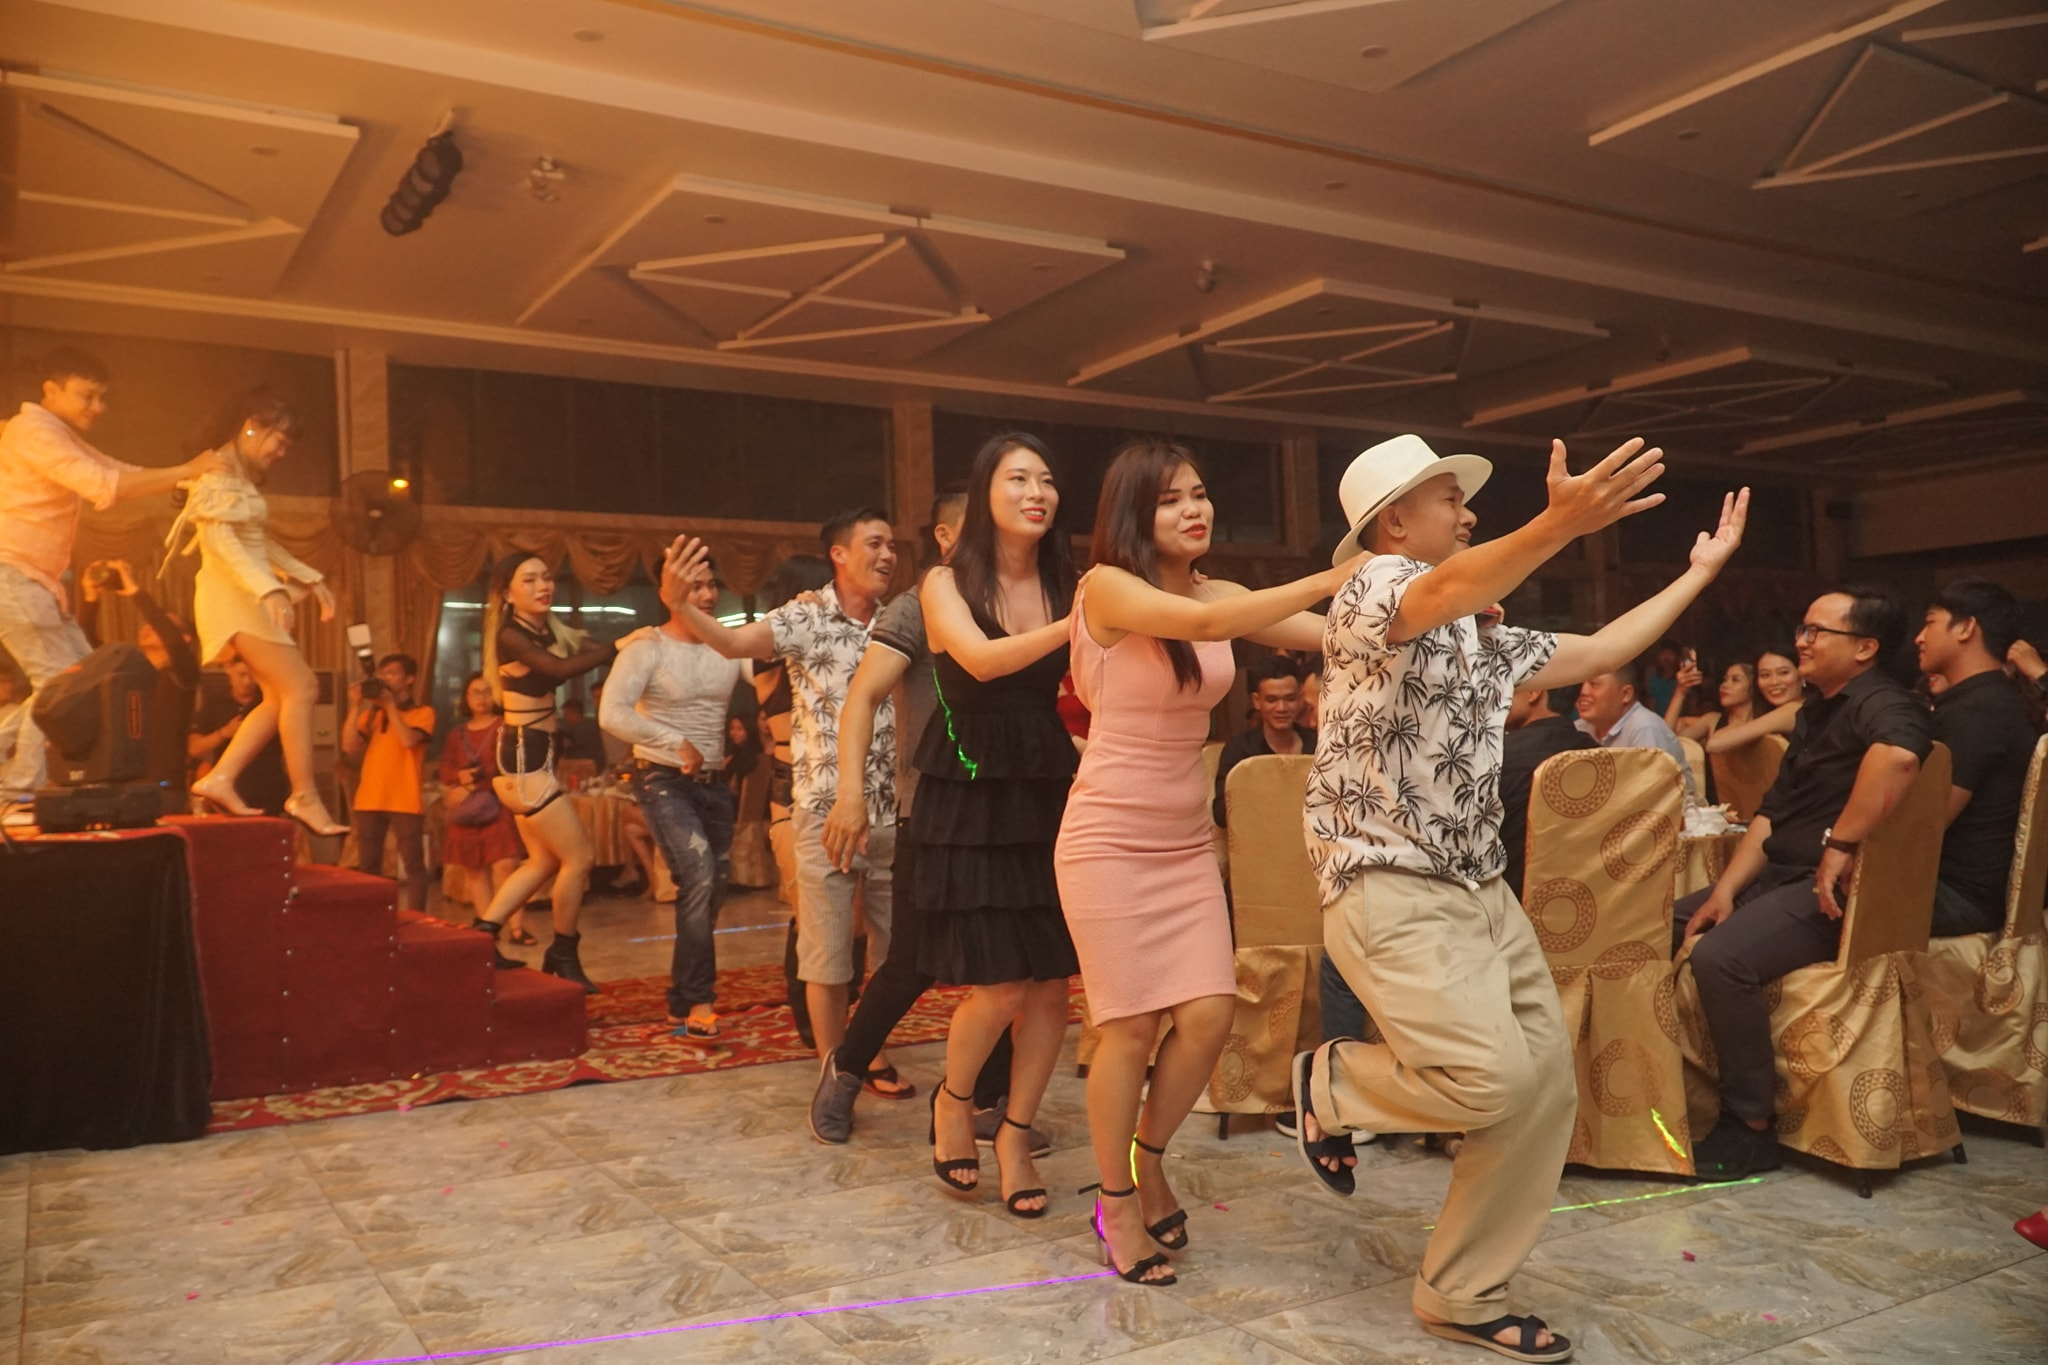 Khoảnh khắc vui vẻ trong đêm tiệc Year end party